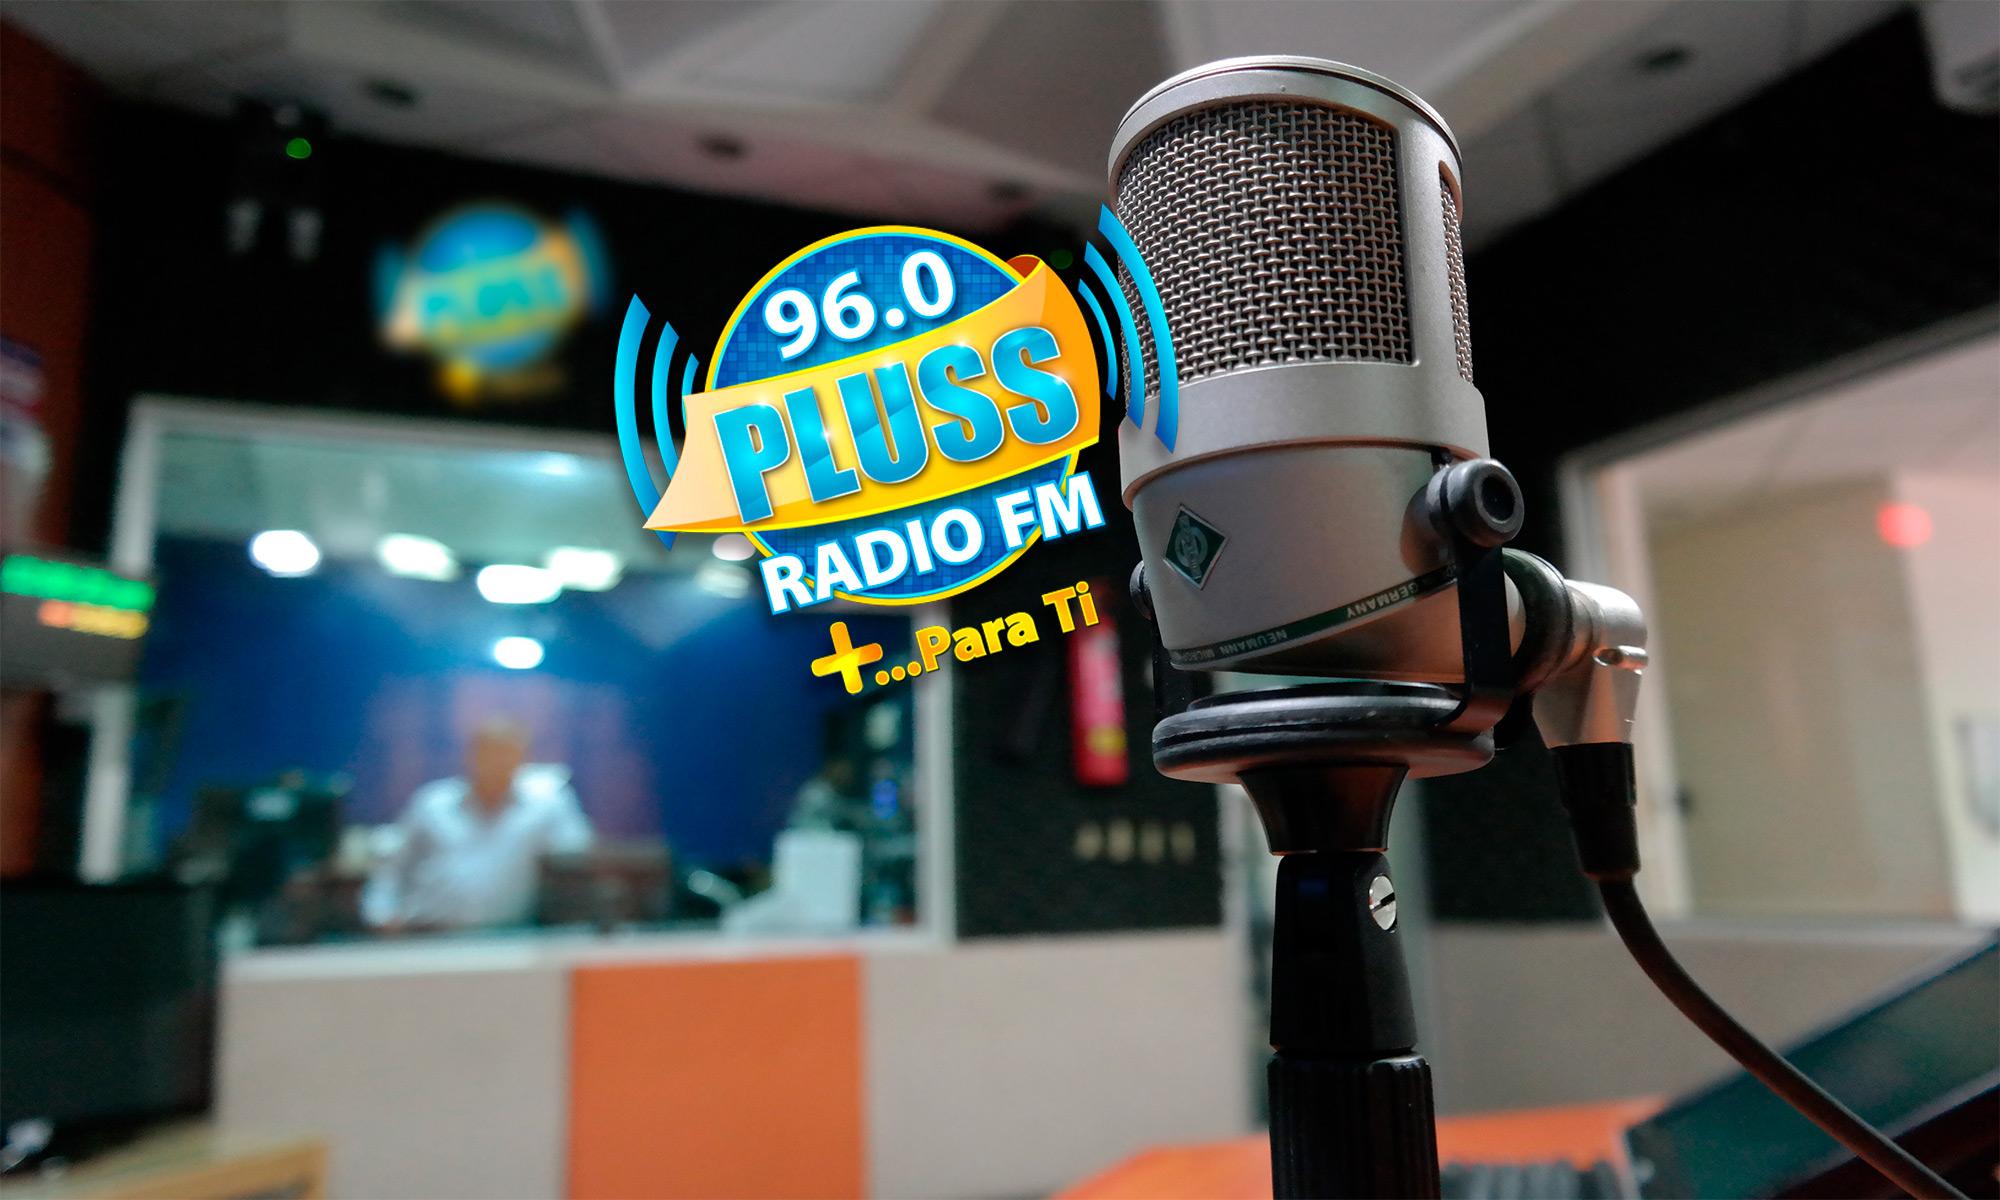 Pluss Radio Fm 96.0